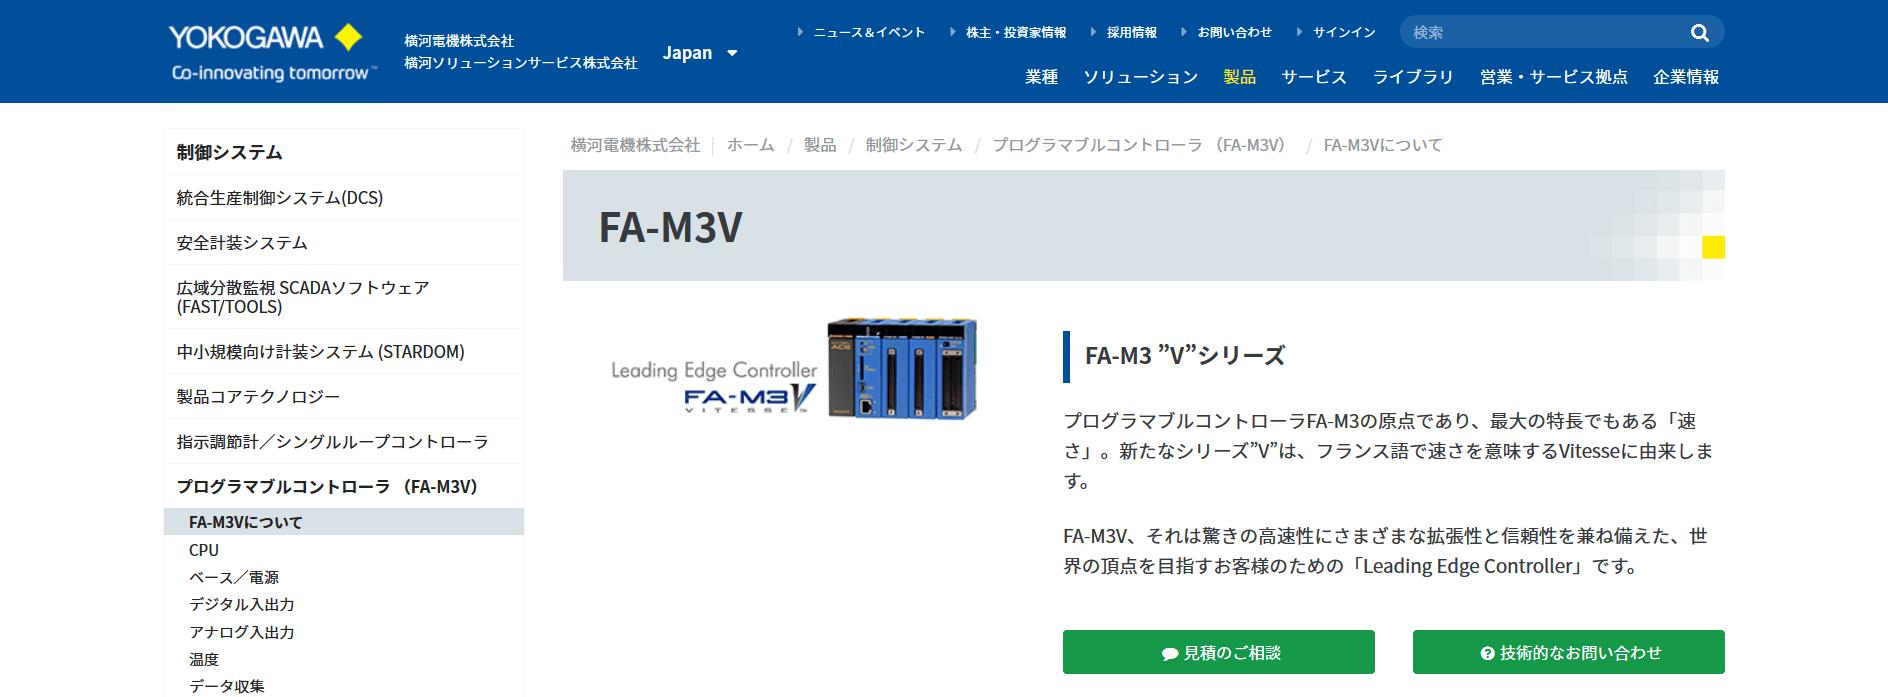 FA-M3V